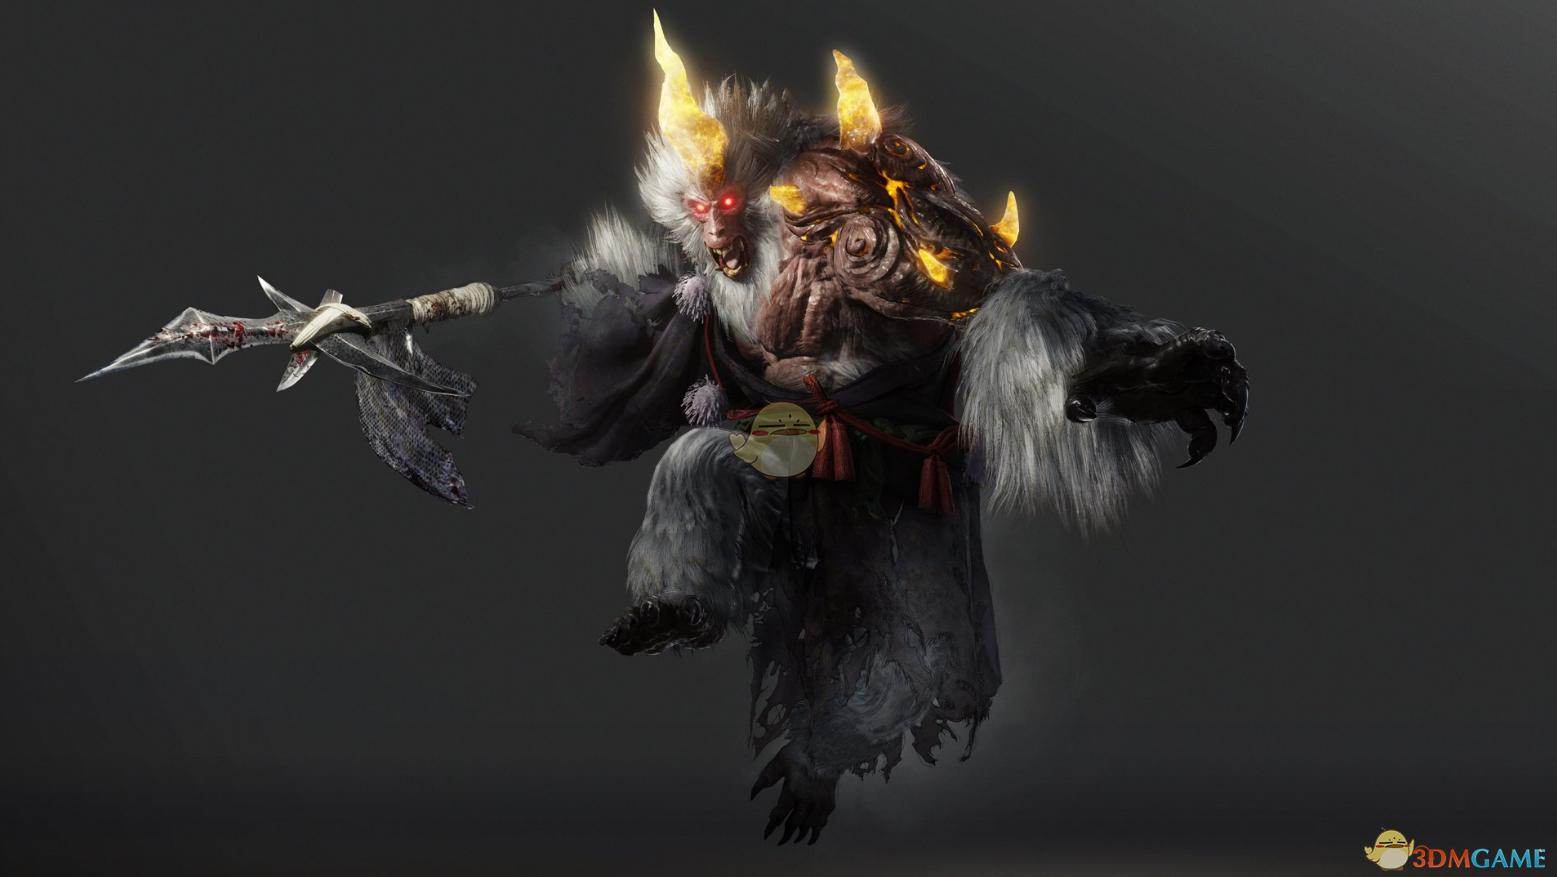 《仁王2》猿鬼怪物介绍